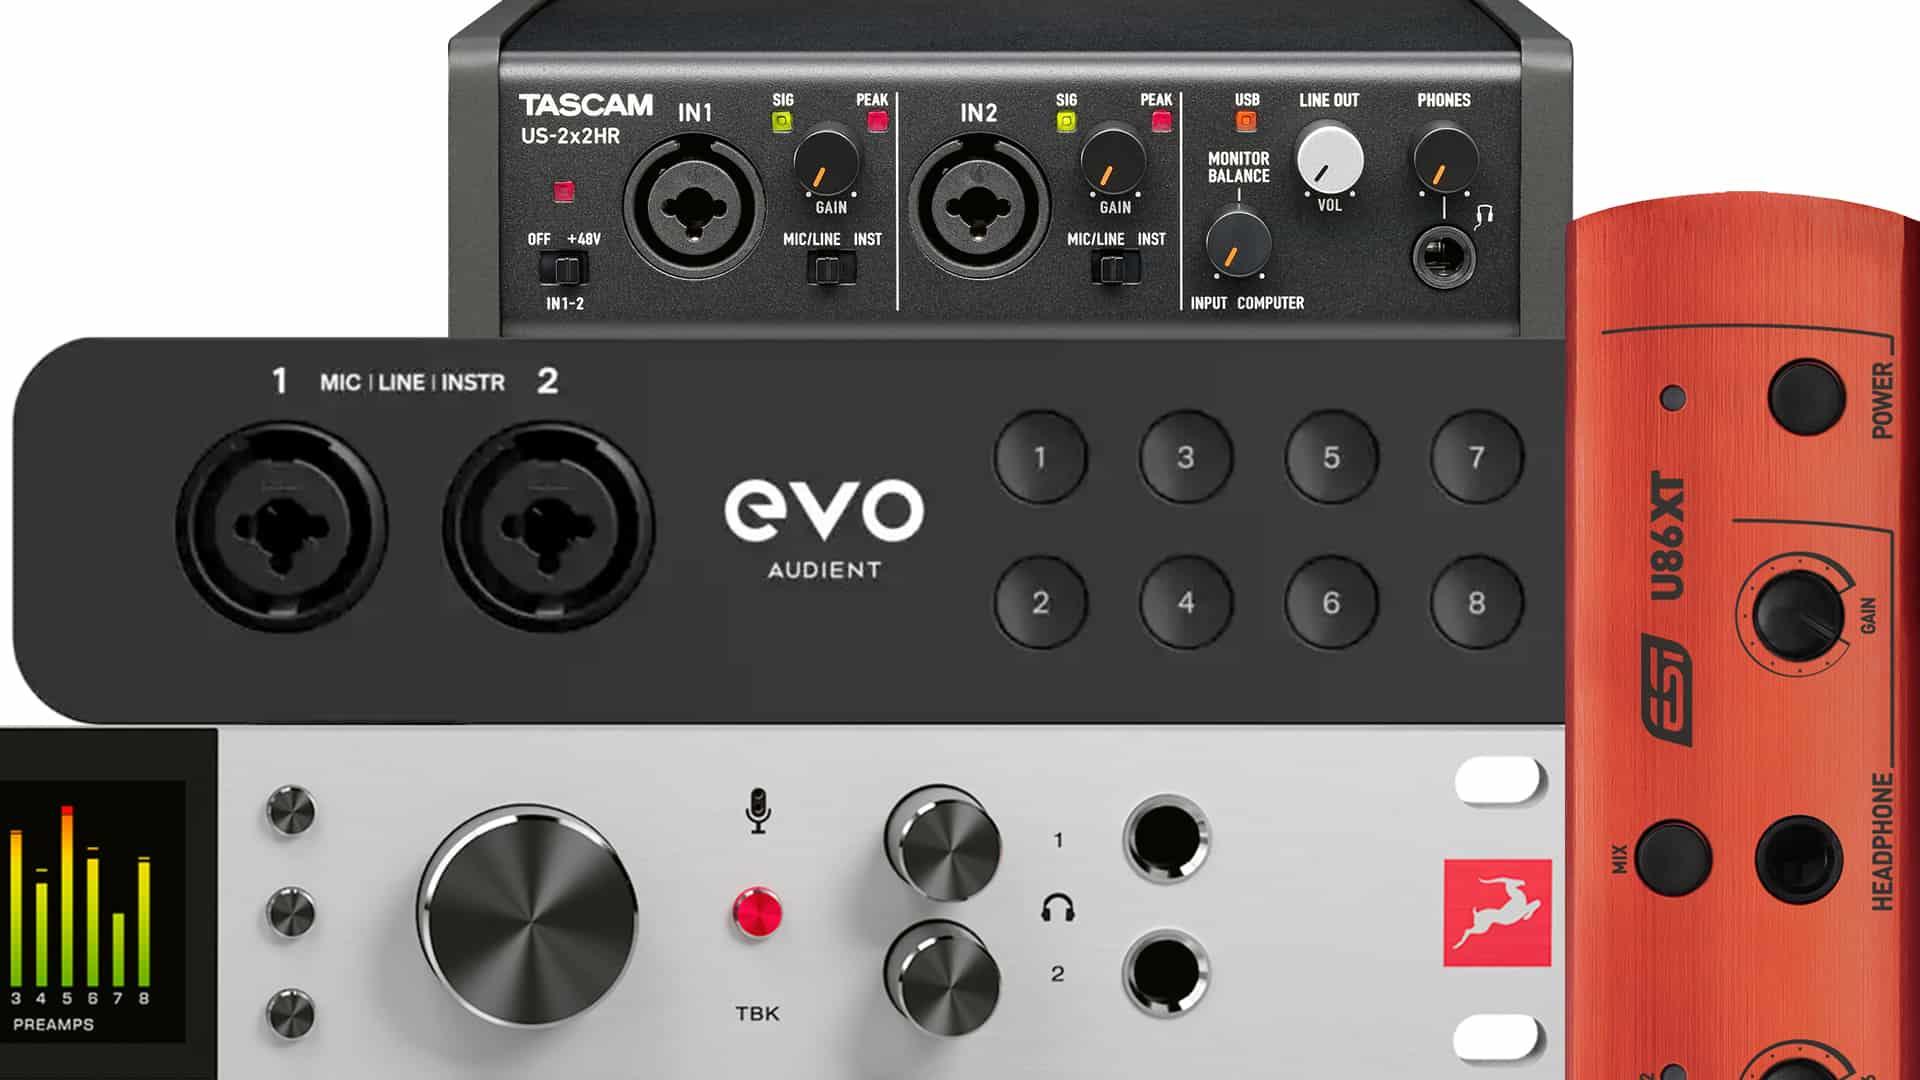 Usb Audio Interface Vergleich Die Besten In 2020 Delamar De